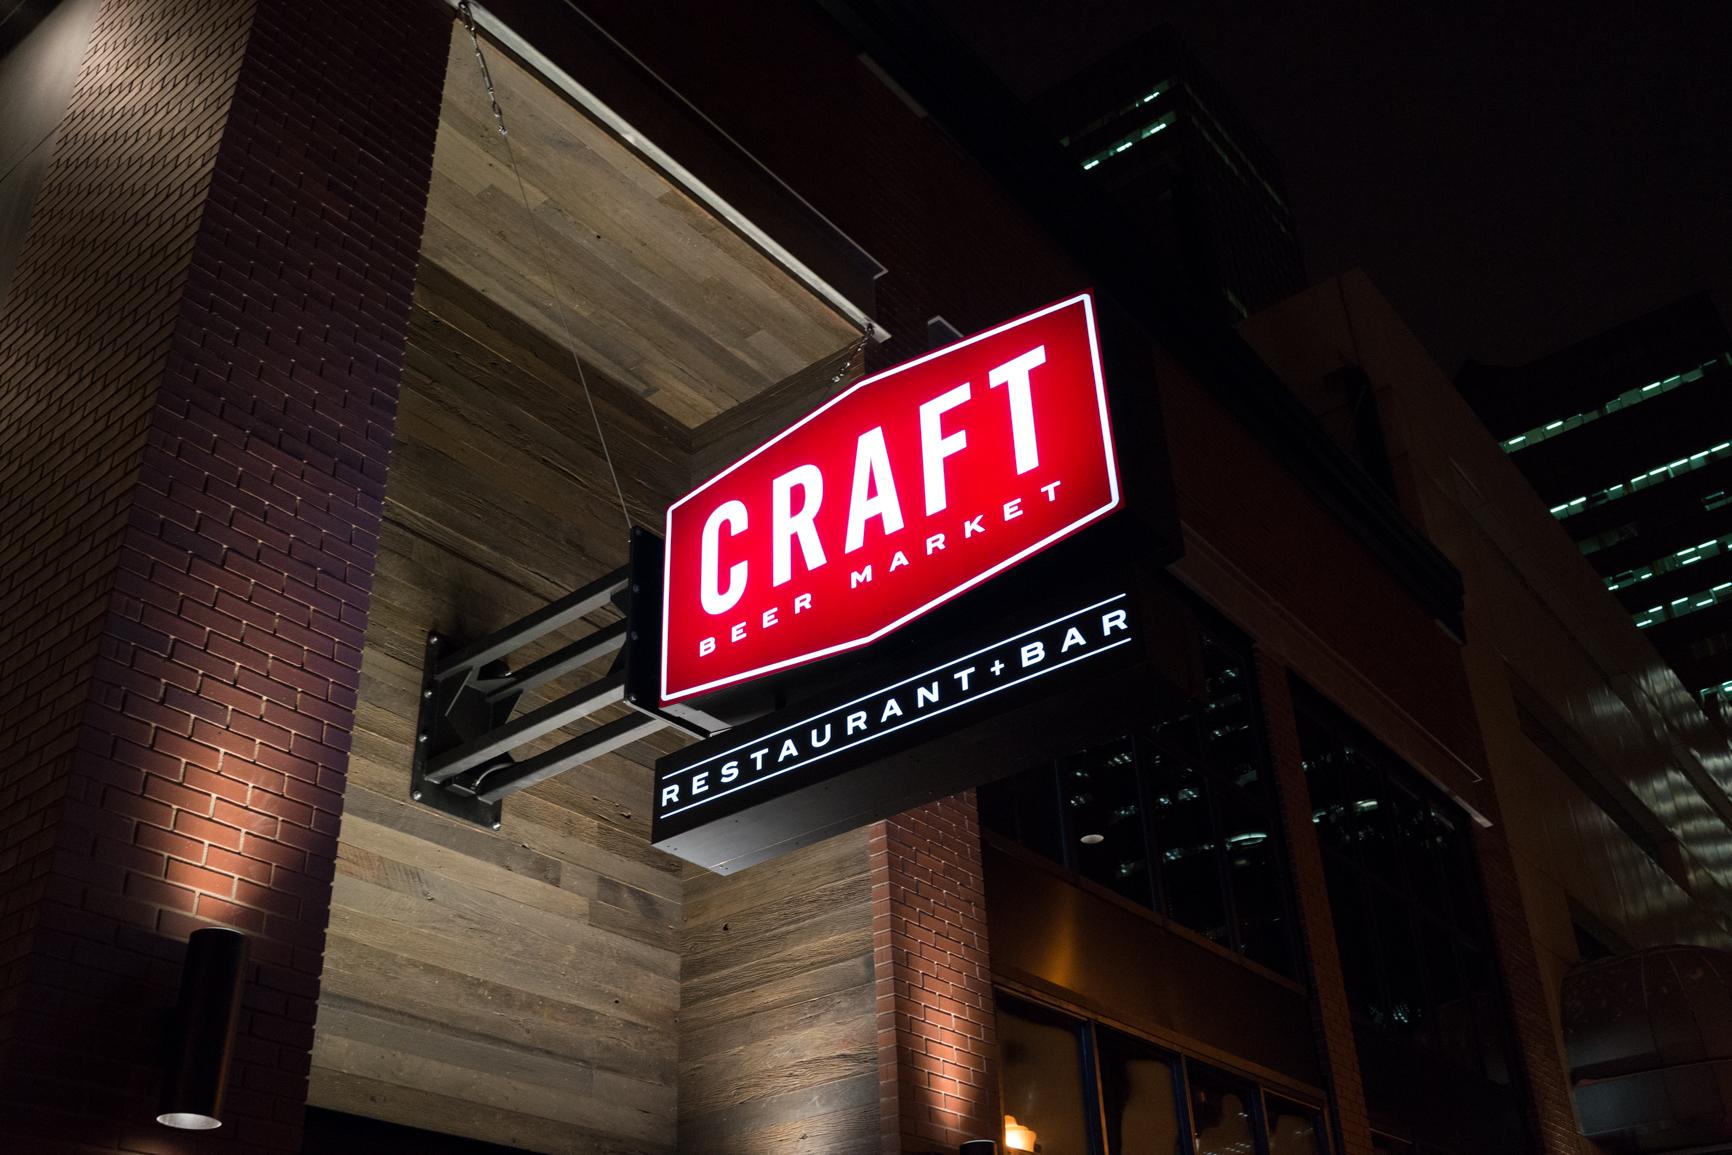 Alberta Craft Beer